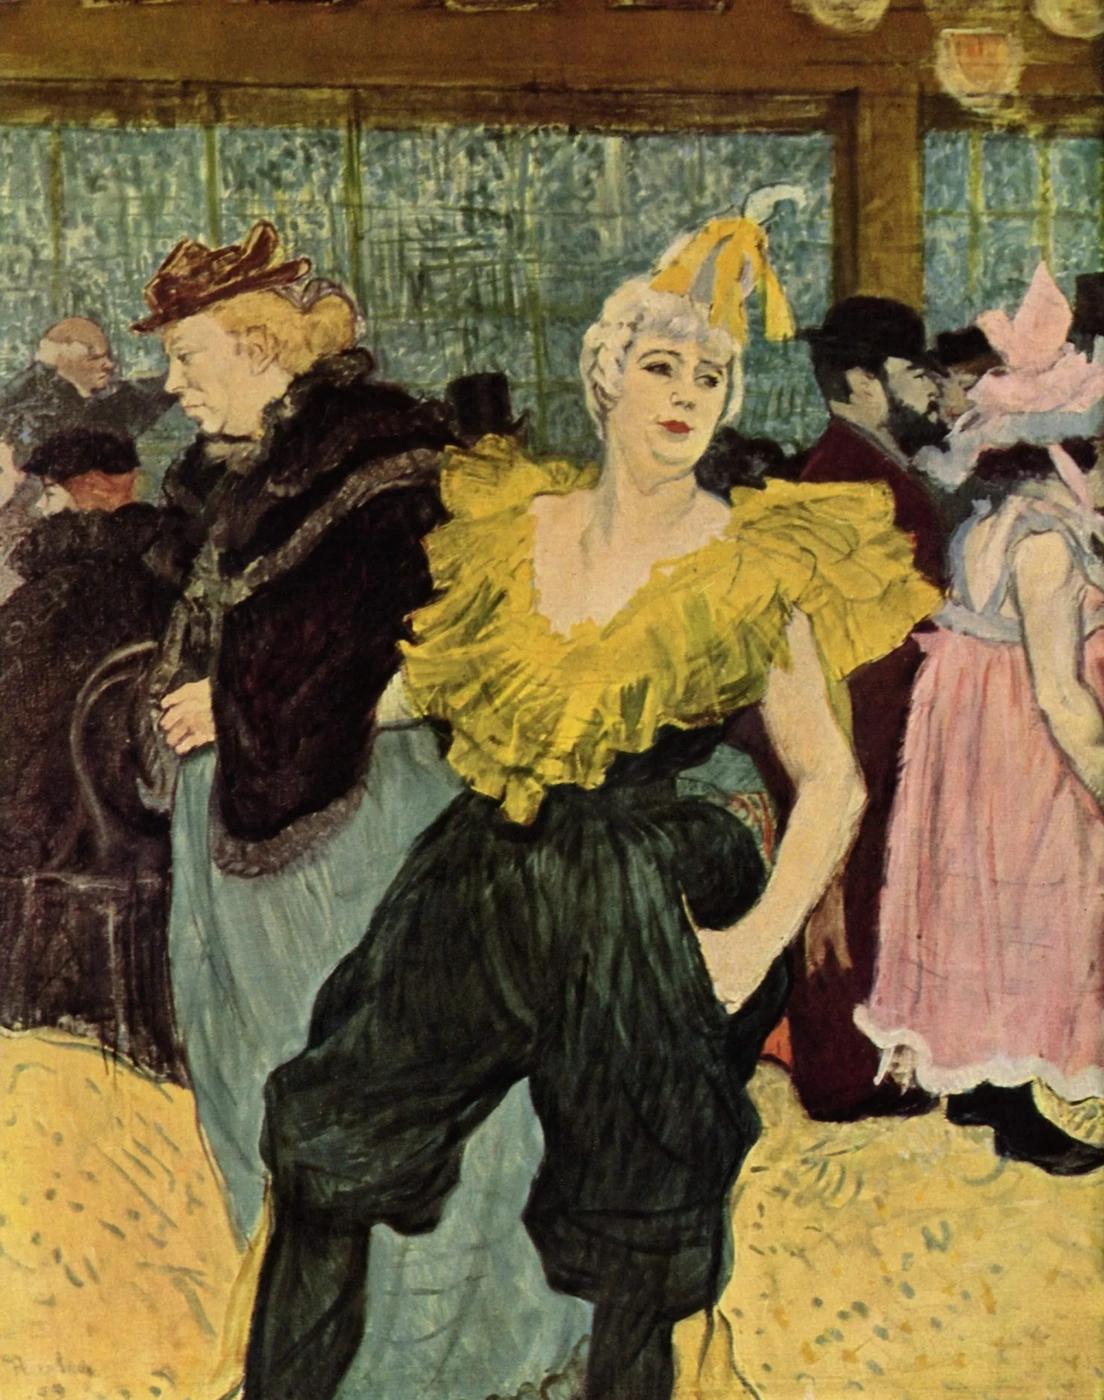 Клоунада Ша-У-Као в Мулен Руж Анри де Тулуз-Лотрек Живопись, 1895, 75 × 55 см